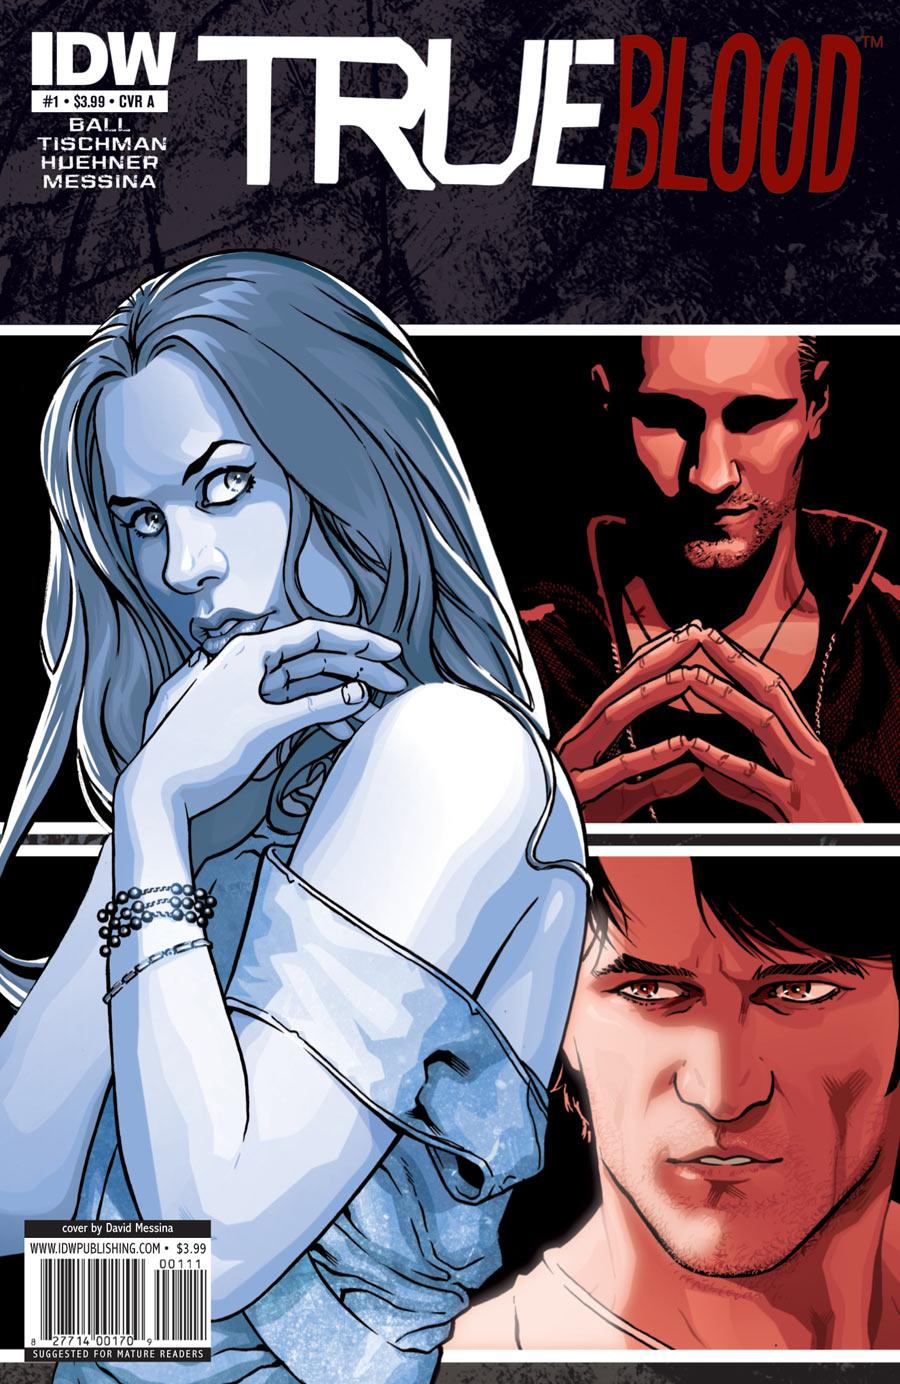 Gallery:True Blood Comic Book Series